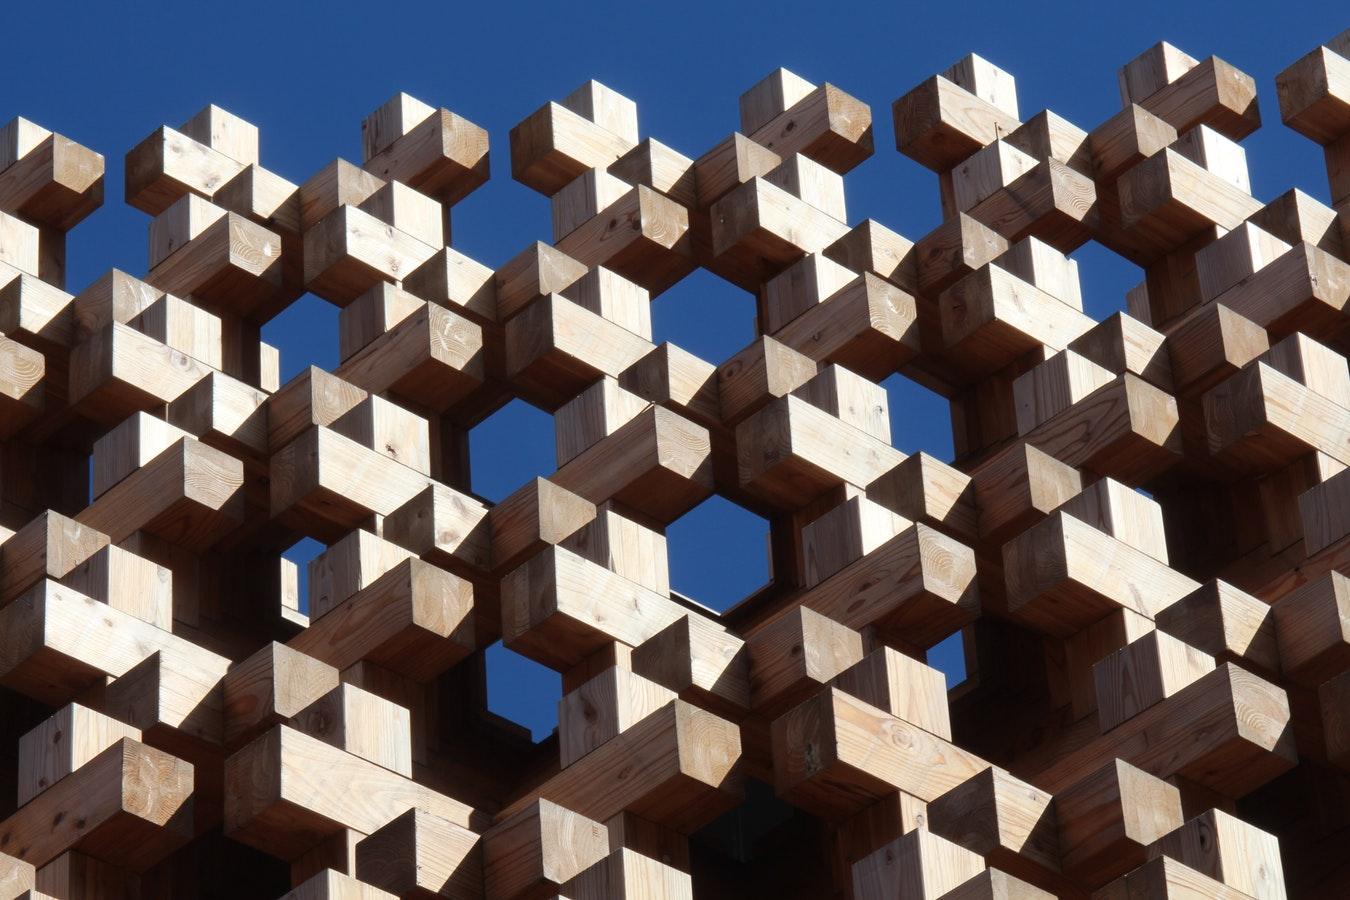 Wooden blocks representing links